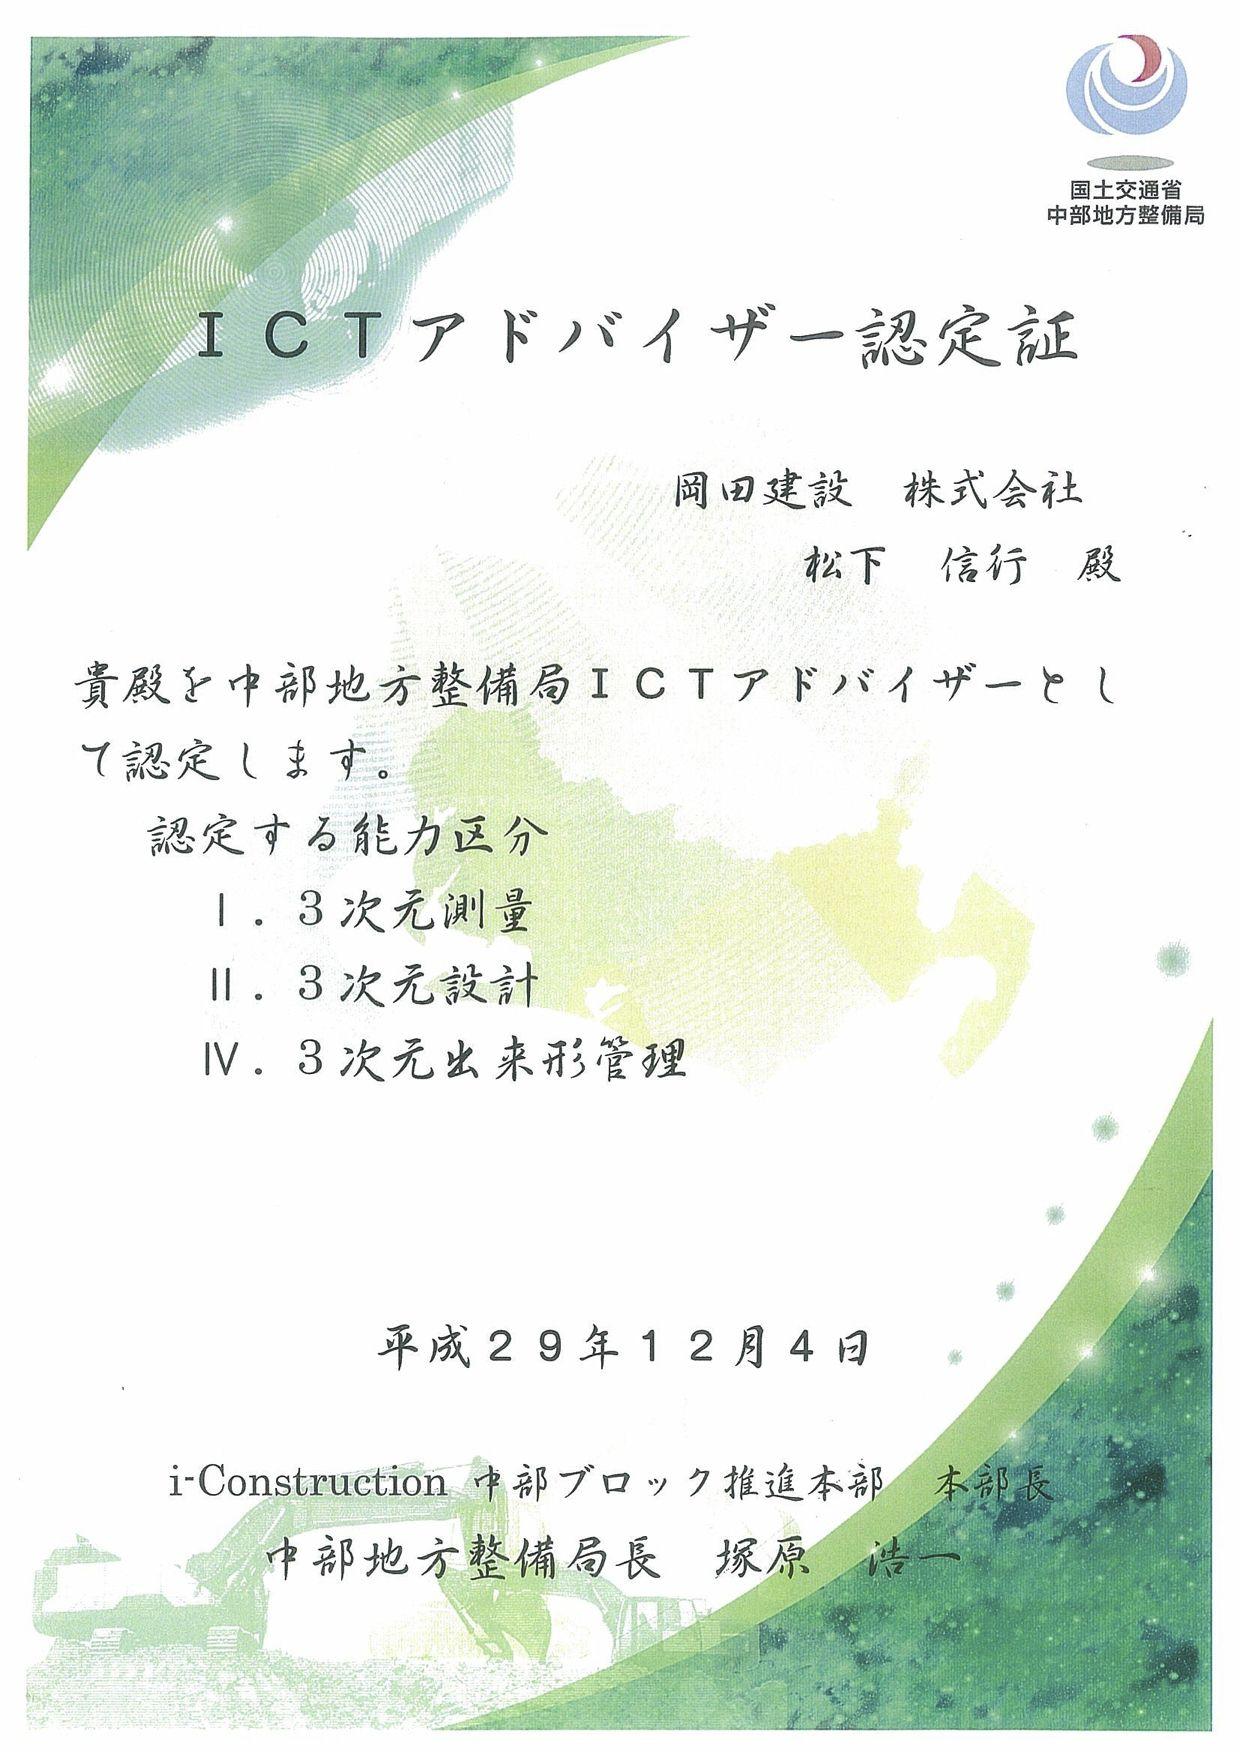 第4回ICTアドバイザーに認定!1